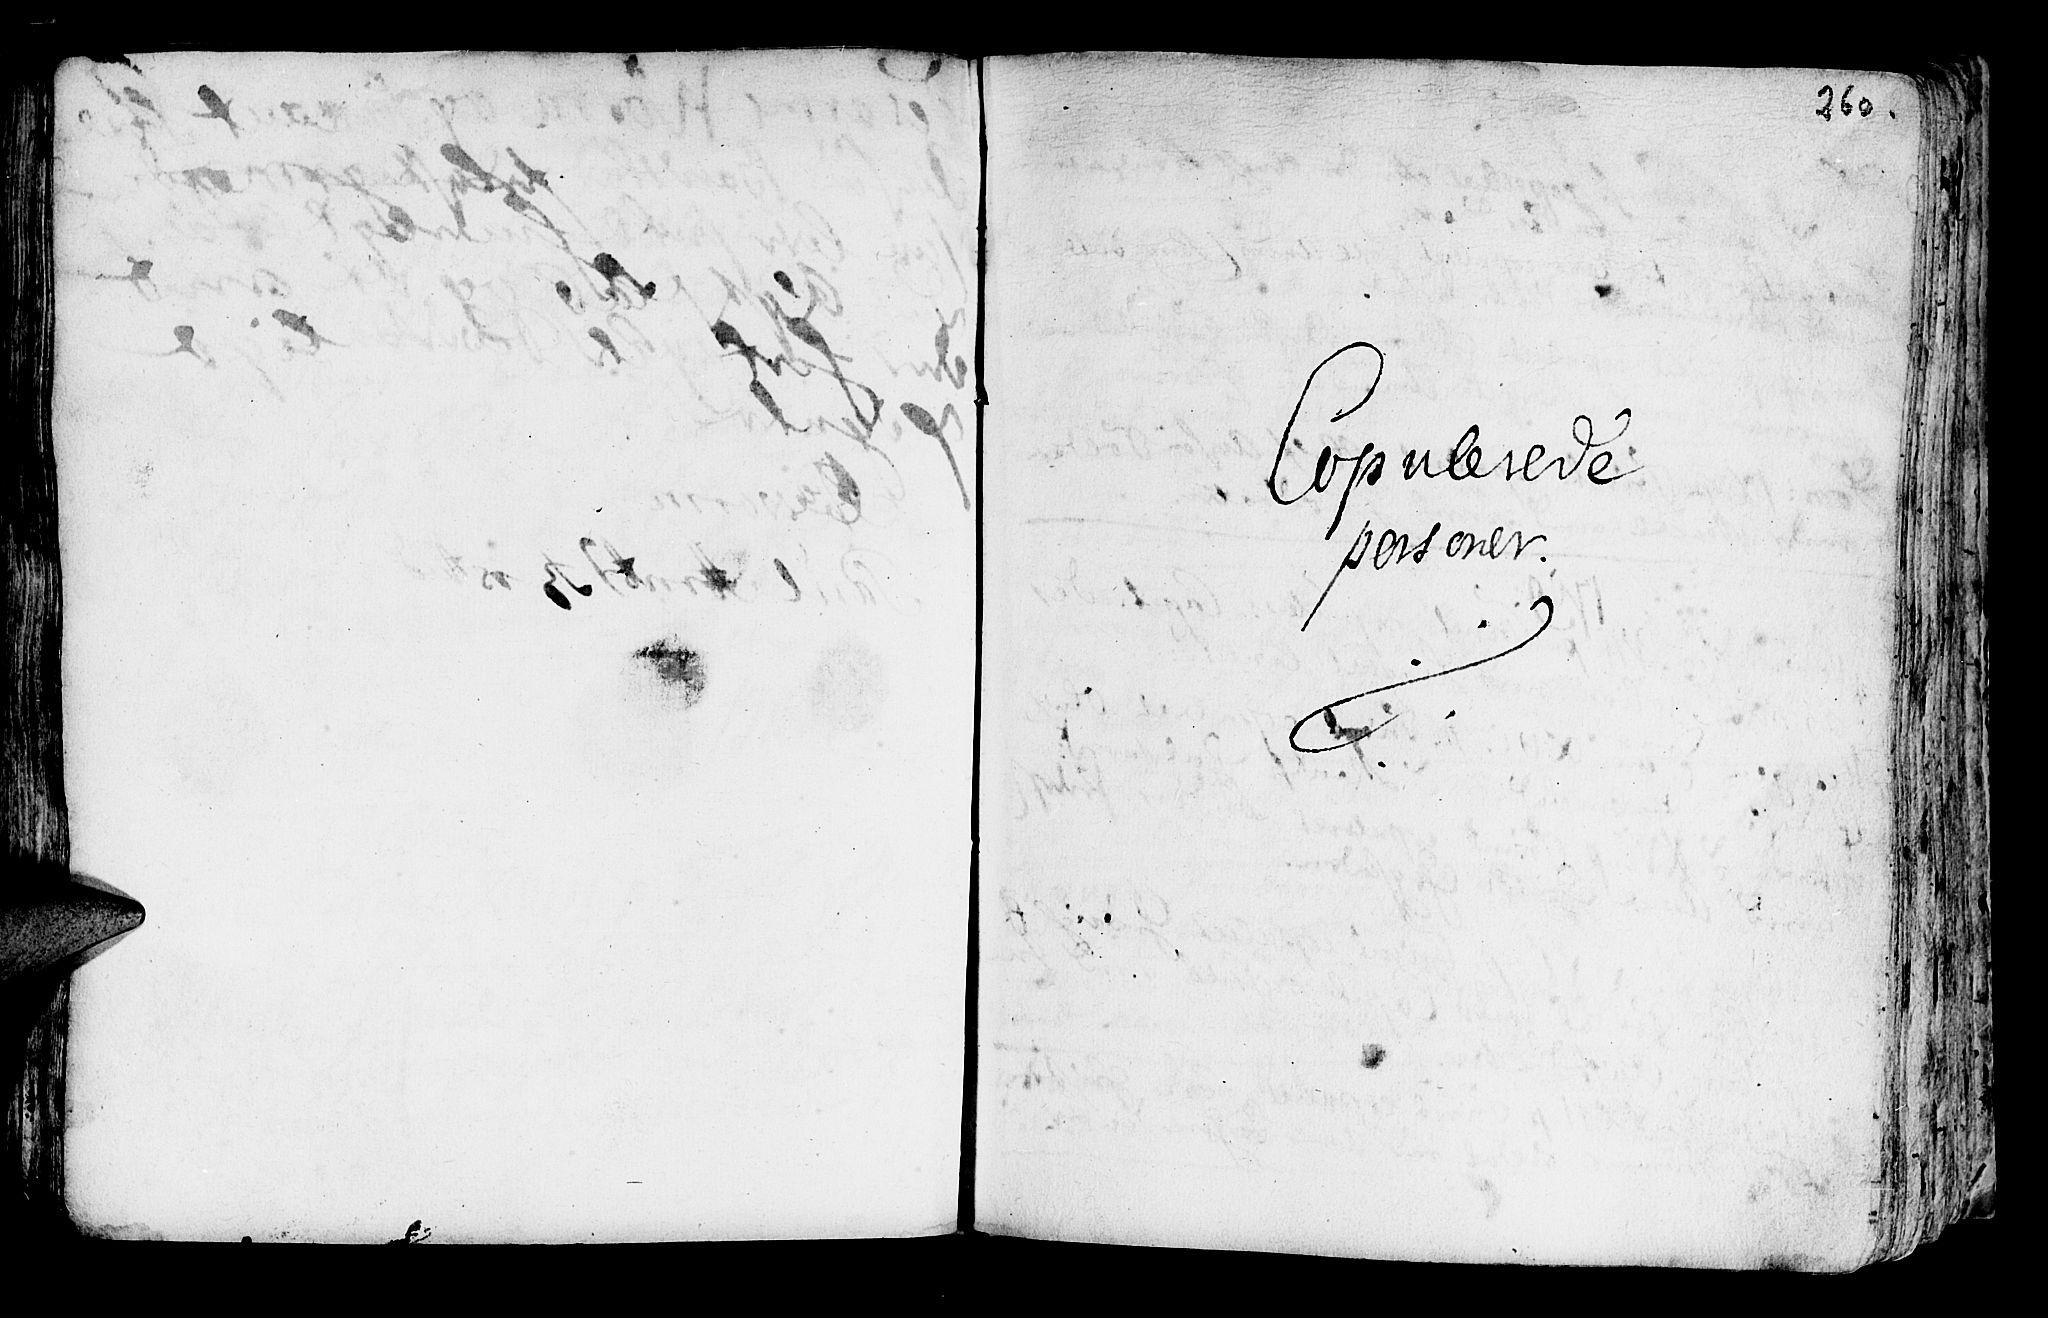 SAT, Ministerialprotokoller, klokkerbøker og fødselsregistre - Nord-Trøndelag, 722/L0215: Ministerialbok nr. 722A02, 1718-1755, s. 260